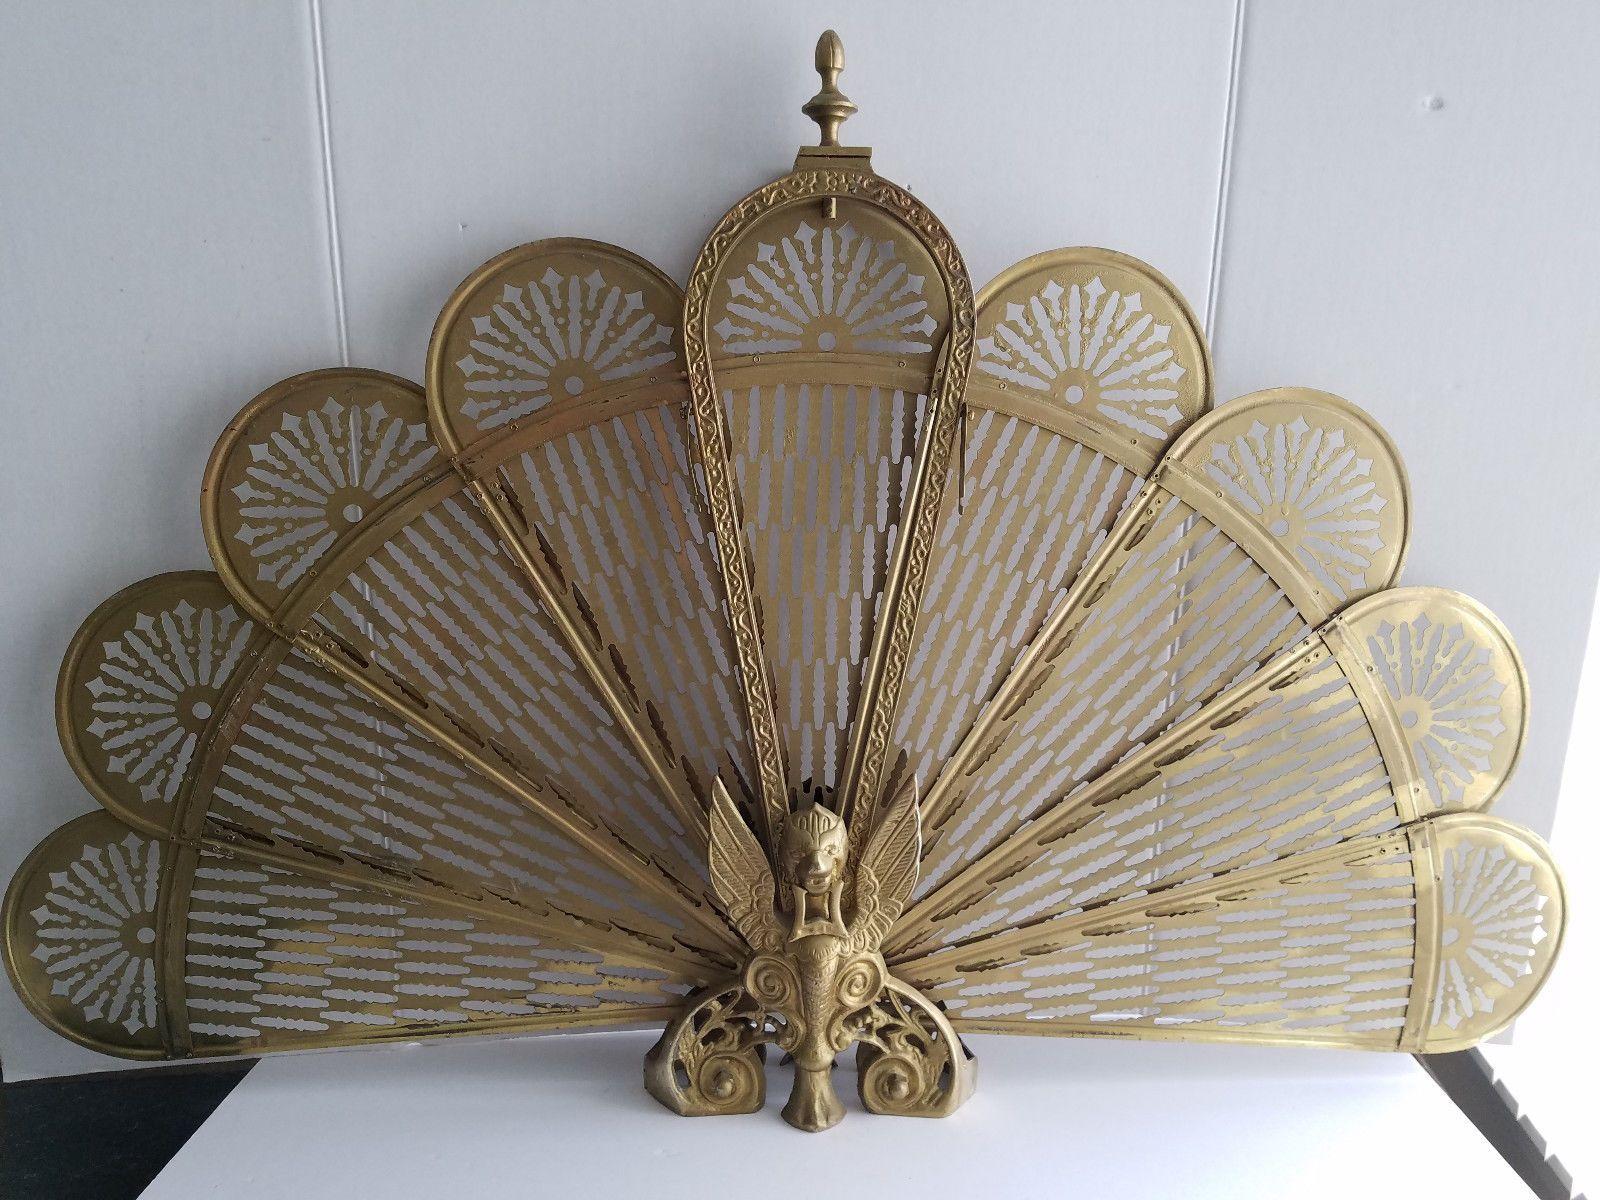 vintage brass fireplace screen folding peacock fan style with rh pinterest es